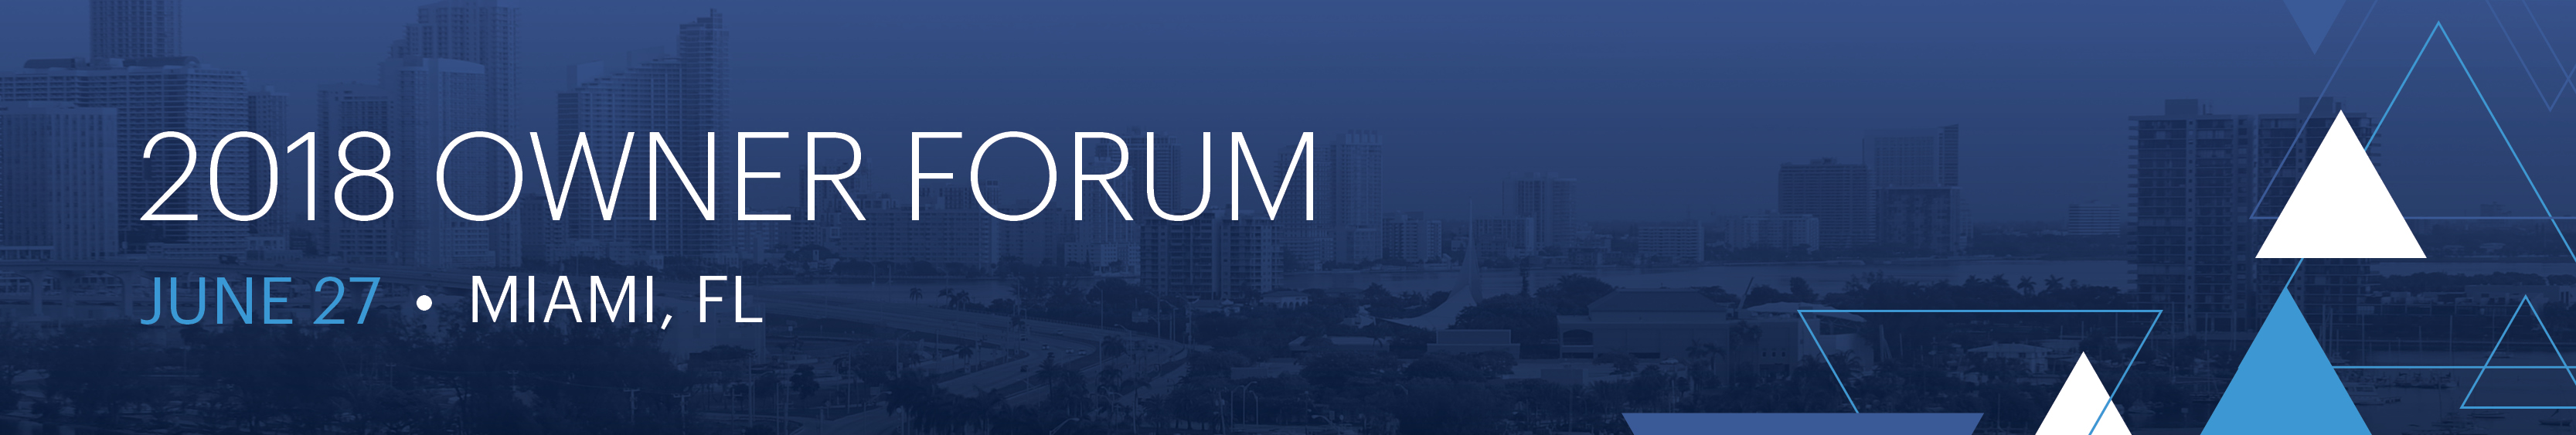 Owner Forum 2018